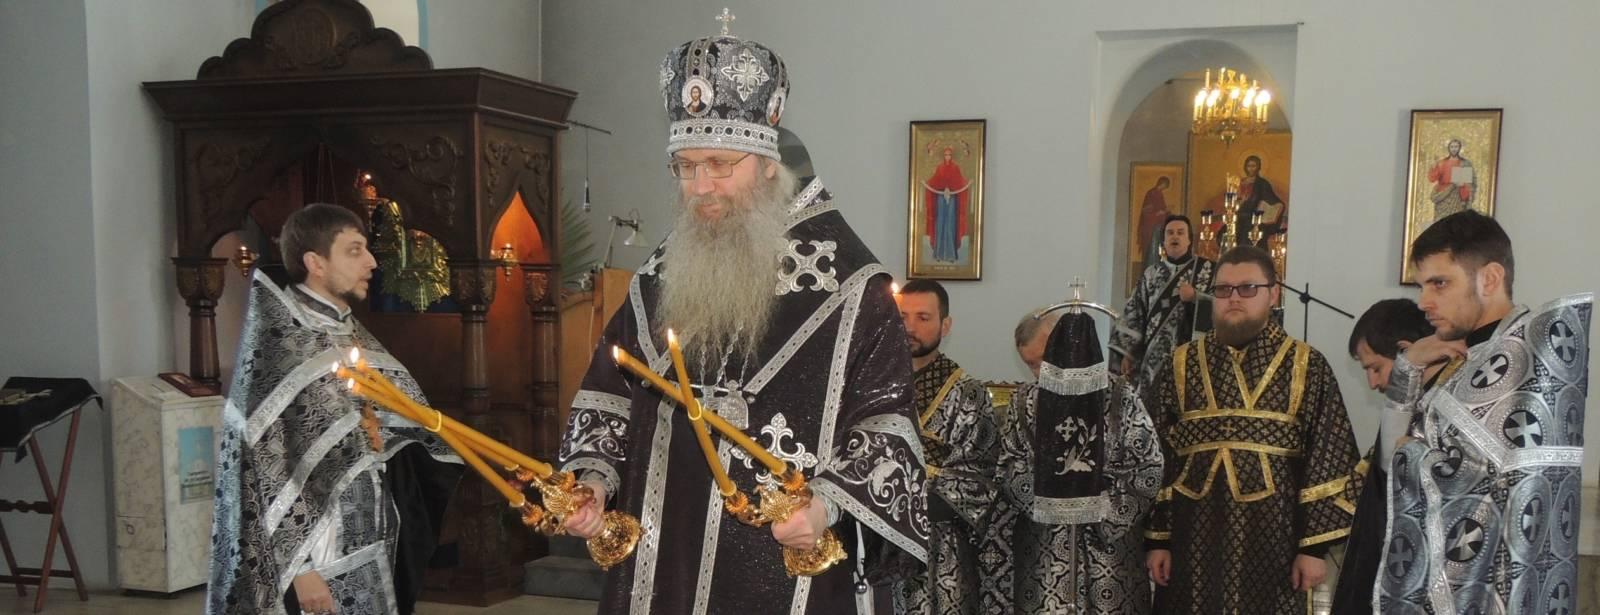 В Великую Среду Страстной Седмицы.